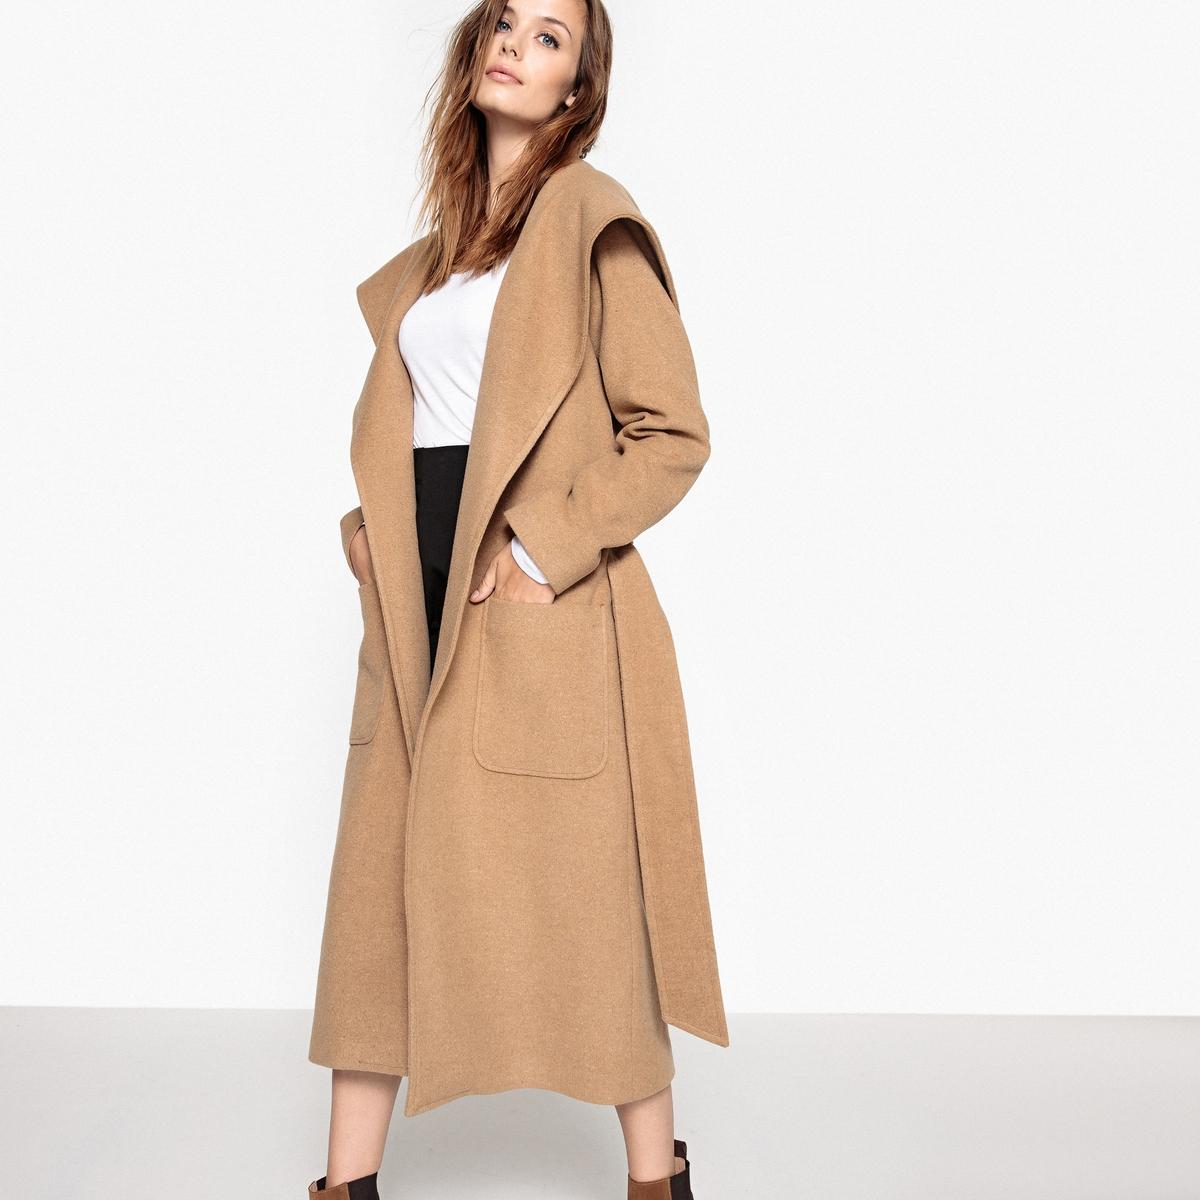 Пальто с капюшоном из шерстяного драпа пальто с эффектом шерстяного драпа